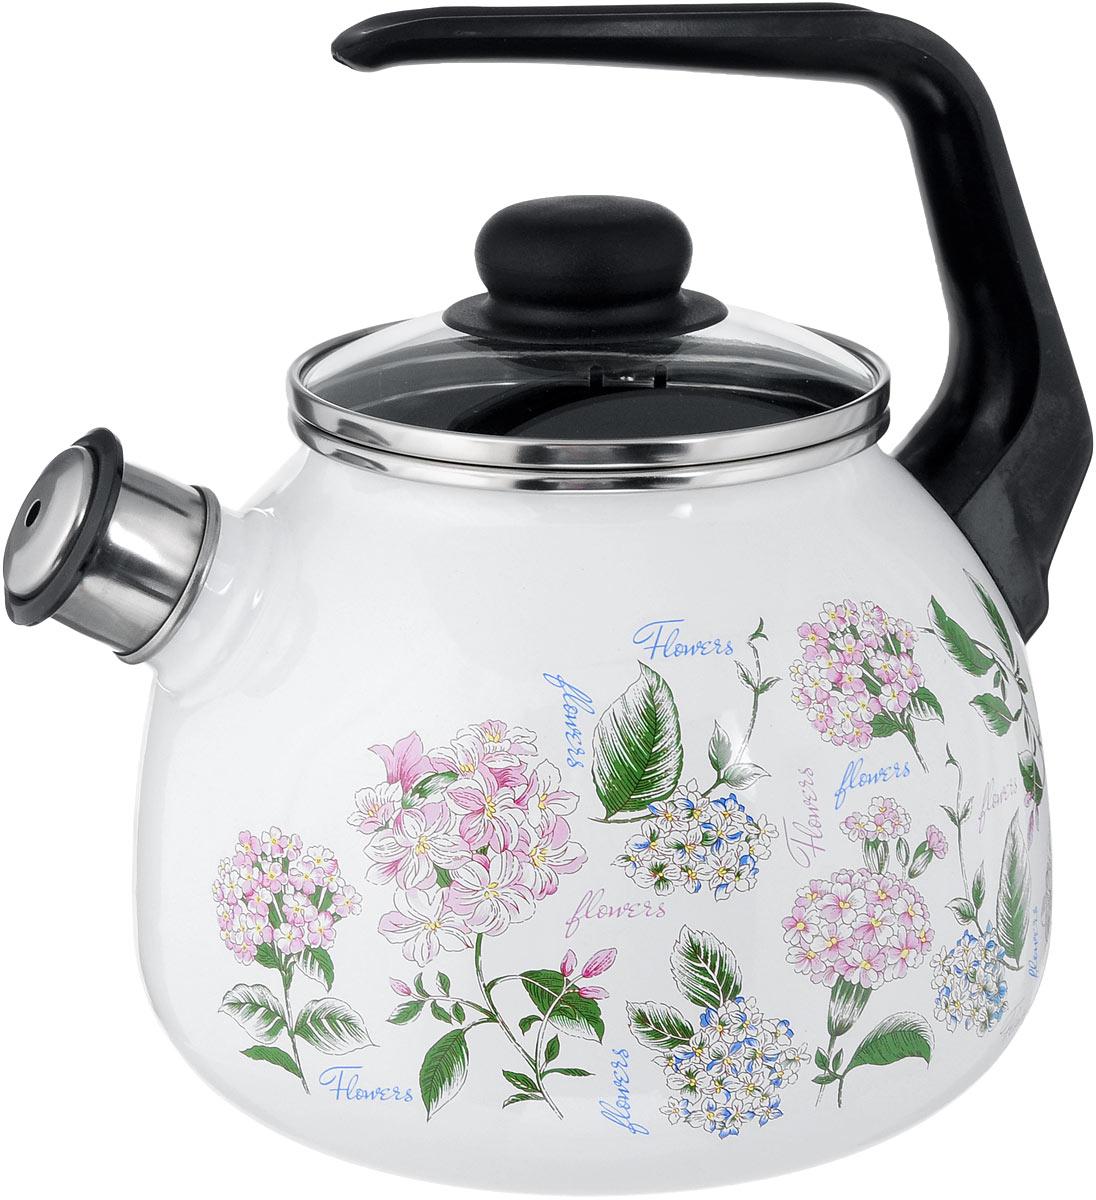 Чайник эмалированный Vitross Buket, со свистком, 2 л1RA12Чайник эмалированный Vitross Buket изготовлен из высококачественногостального проката со стеклокерамическим эмалевым покрытием. Корпусоформлен изящным цветочным рисунком.Стеклокерамика инертна и устойчива к пищевым кислотам, не вступает вовзаимодействие с продуктами и не искажает их вкусовые качества. Прочныйстальной корпус обеспечивает эффективную тепловую обработку пищевыхпродуктов и не деформируется в процессе эксплуатации. Чайник оснащен удобной пластиковой ручкой черного цвета. Крышка чайникавыполнена из стекла. Носик чайника с насадкой-свистком позволит вамконтролировать процесс подогрева или кипячения воды.Чайник пригоден для использования на всех видах плит, включая индукционные.Можно мыть в посудомоечной машине.Диаметр (по верхнему краю): 12,5 см. Высота чайника (с учетом ручки): 21 см. Высота чайника (без учета ручки и крышки): 12,5 см.